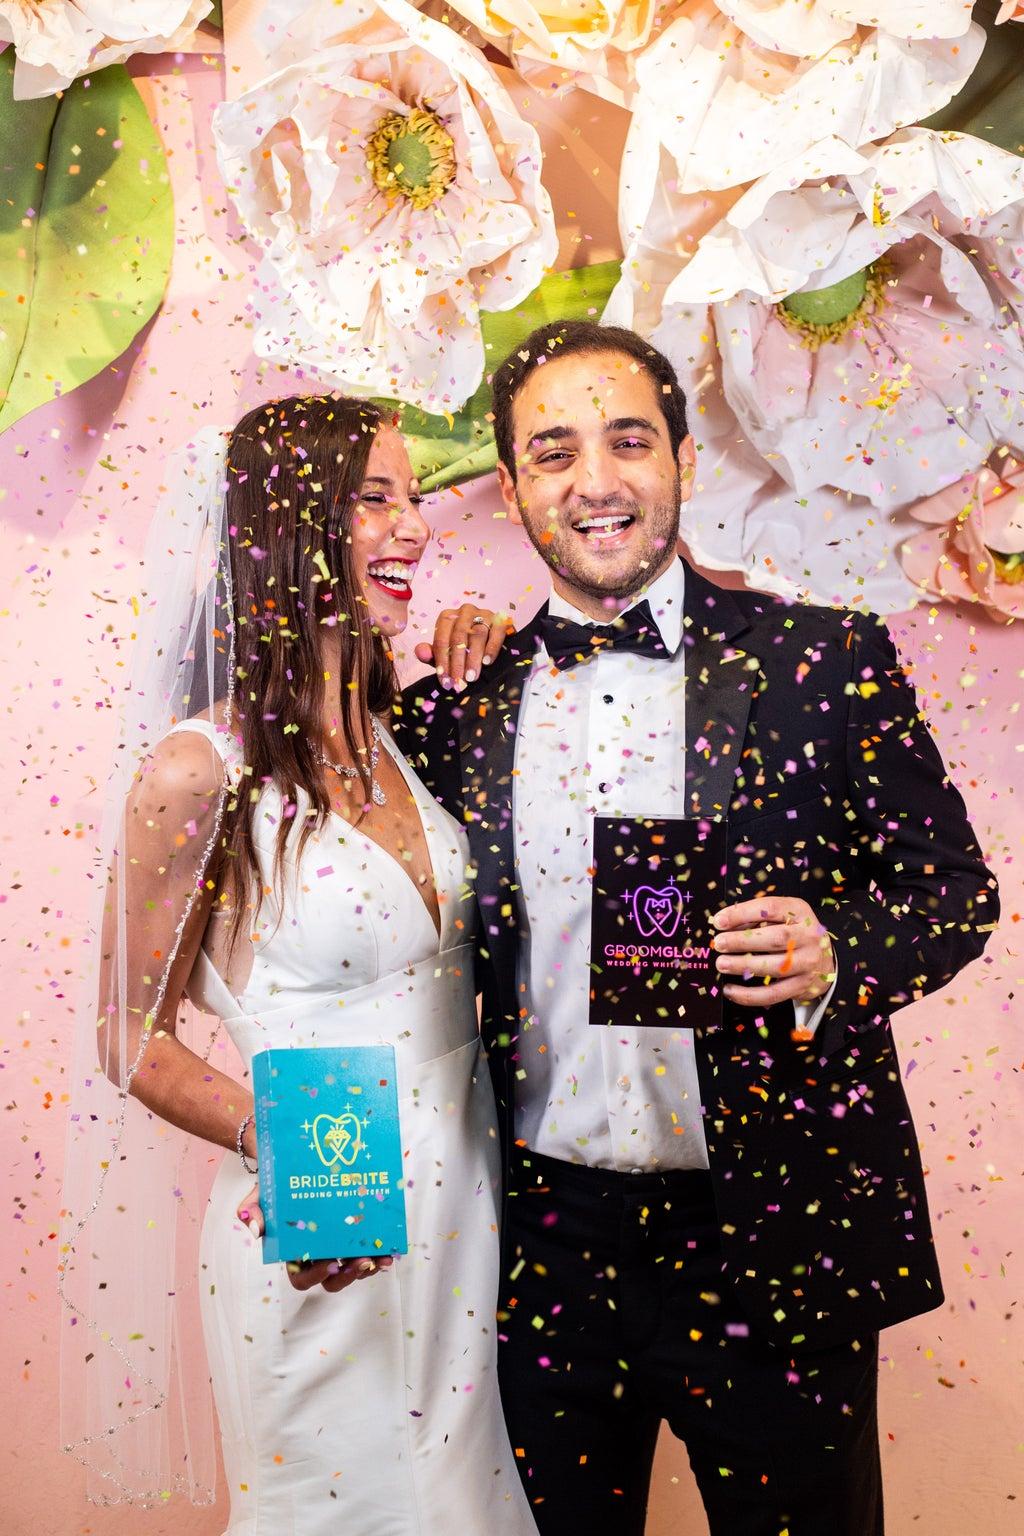 BrideBrite Wedding Images